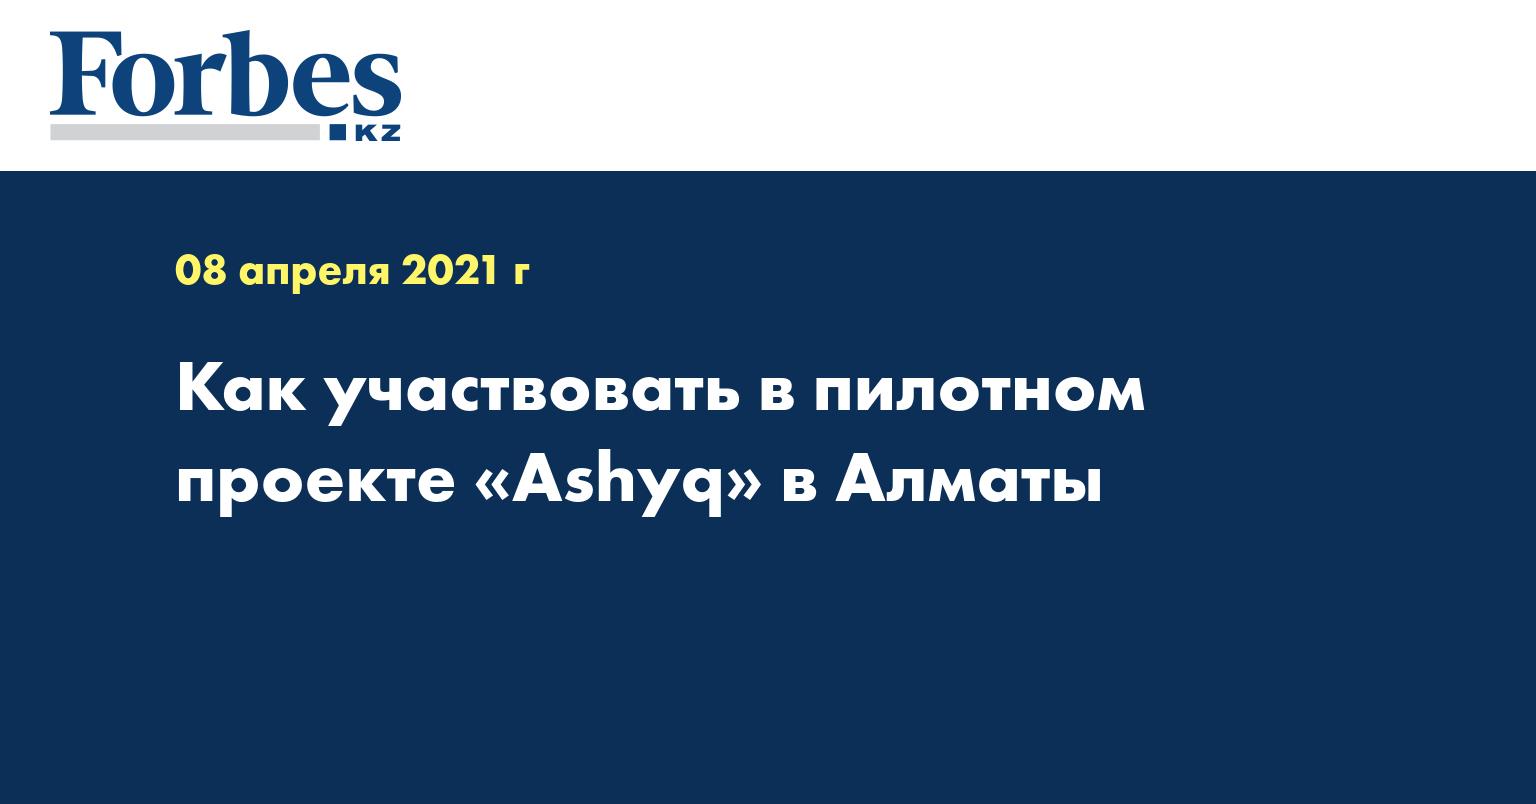 Как участвовать в пилотном проекте «Ashyq» в Алматы